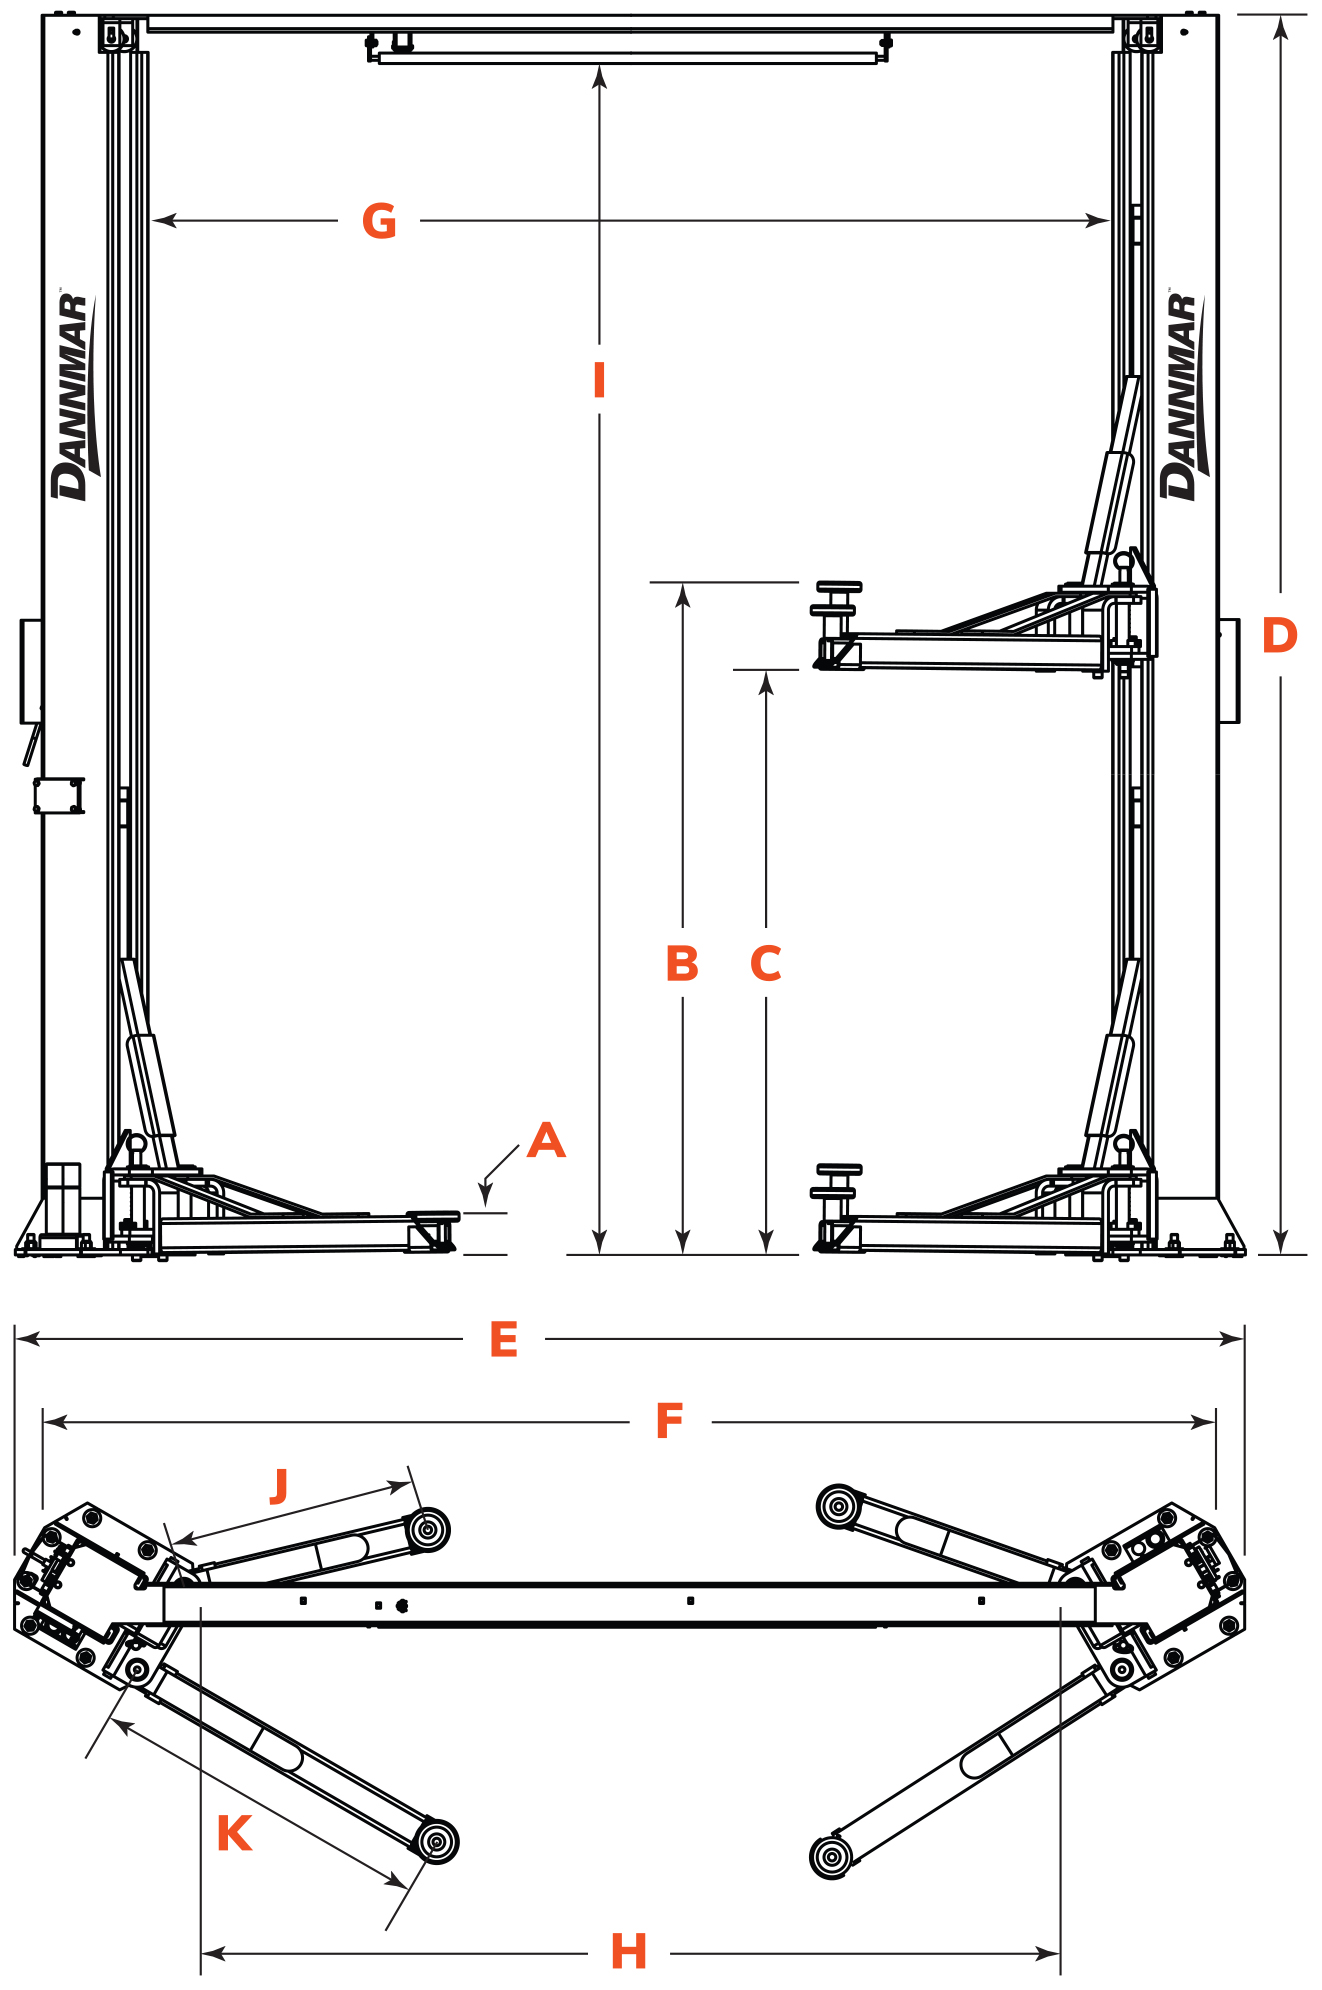 Dannmar D2-10A two-post lift floor diagram